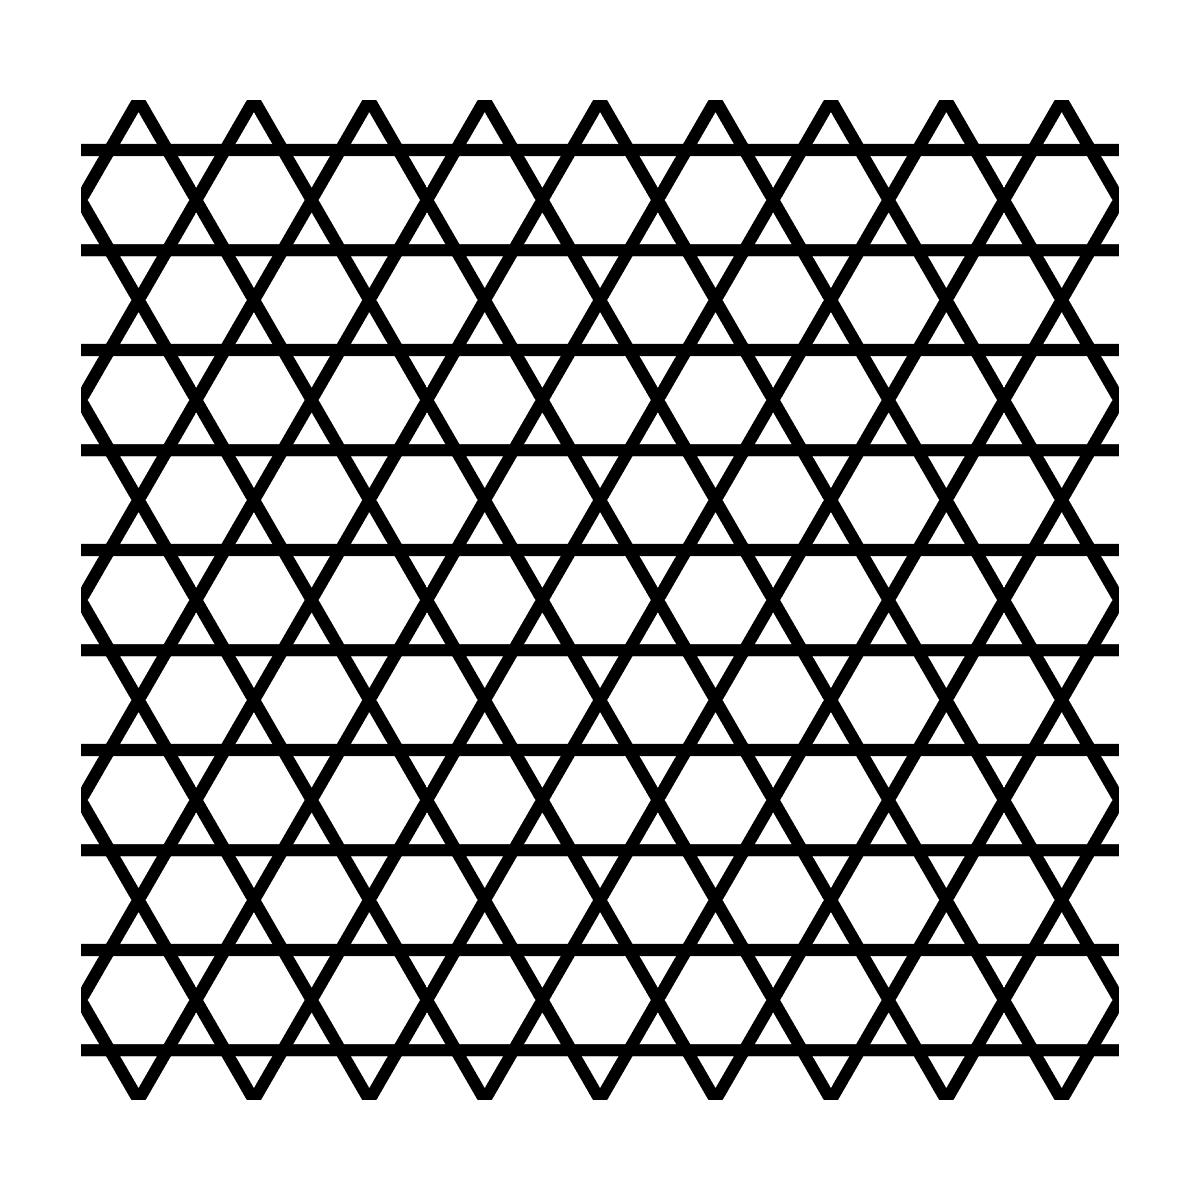 【パターン】籠目の無料イラスト